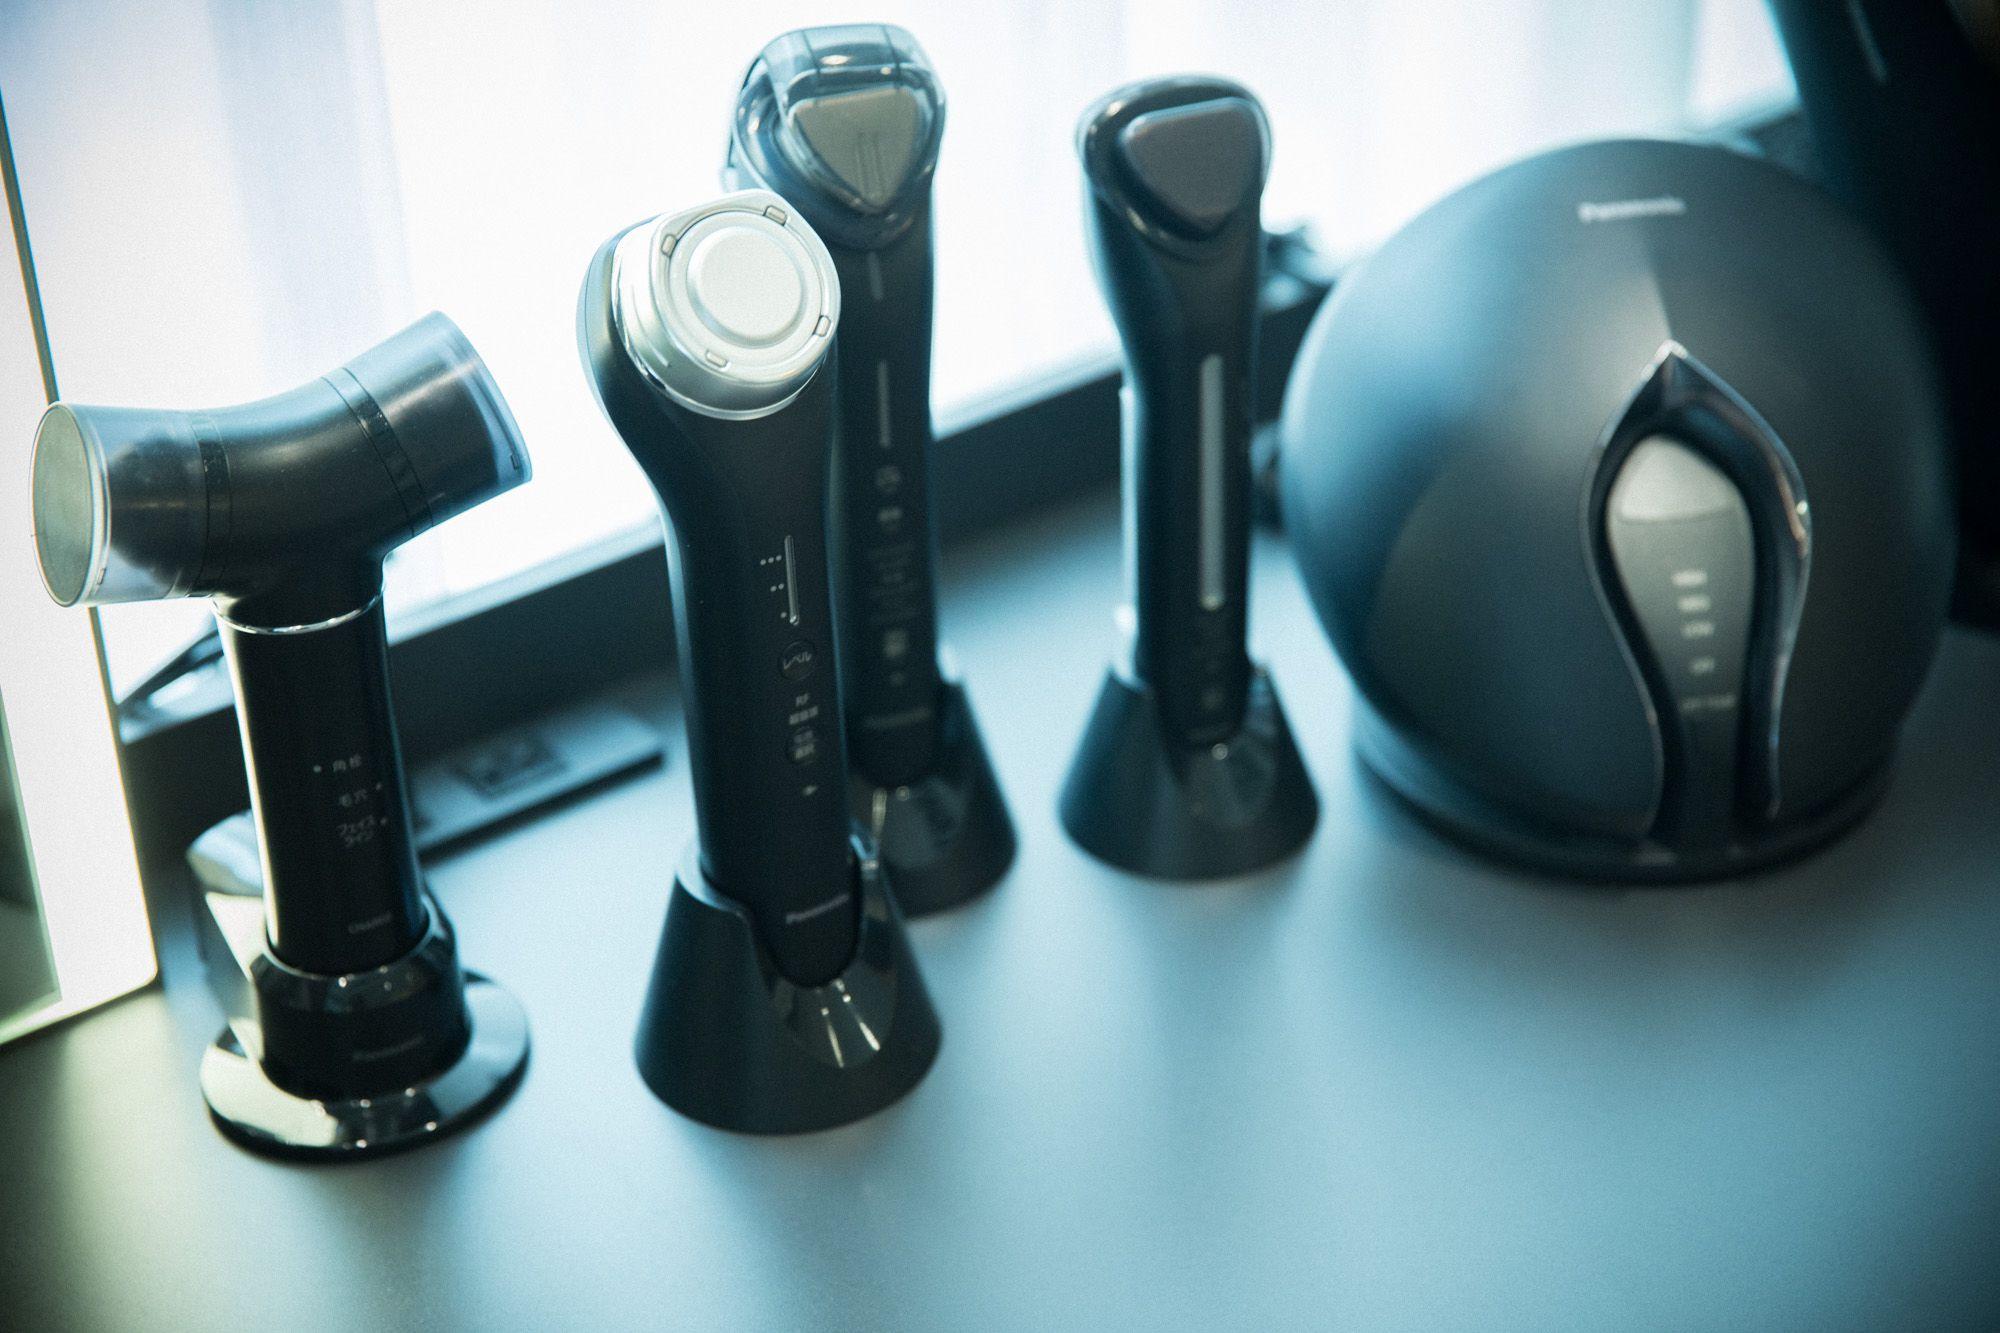 数ある美容家電のなかでもスタイリッシュな「Panasonic Beauty PREMIUM」。男性にも人気がある。